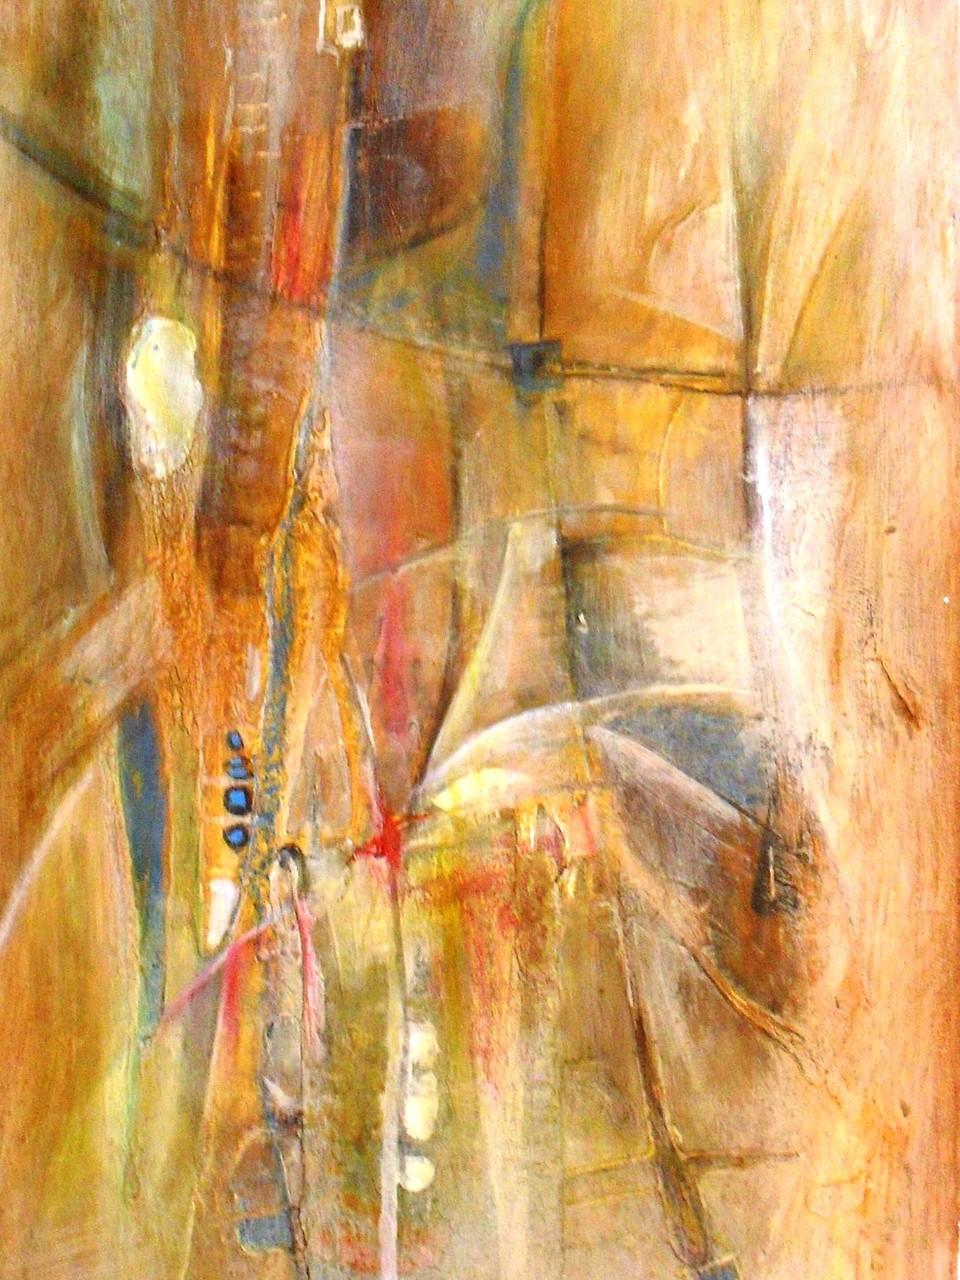 Couleurs peuhls - 2011/2012 - 60 x 110 cm - Acrylique, pastel